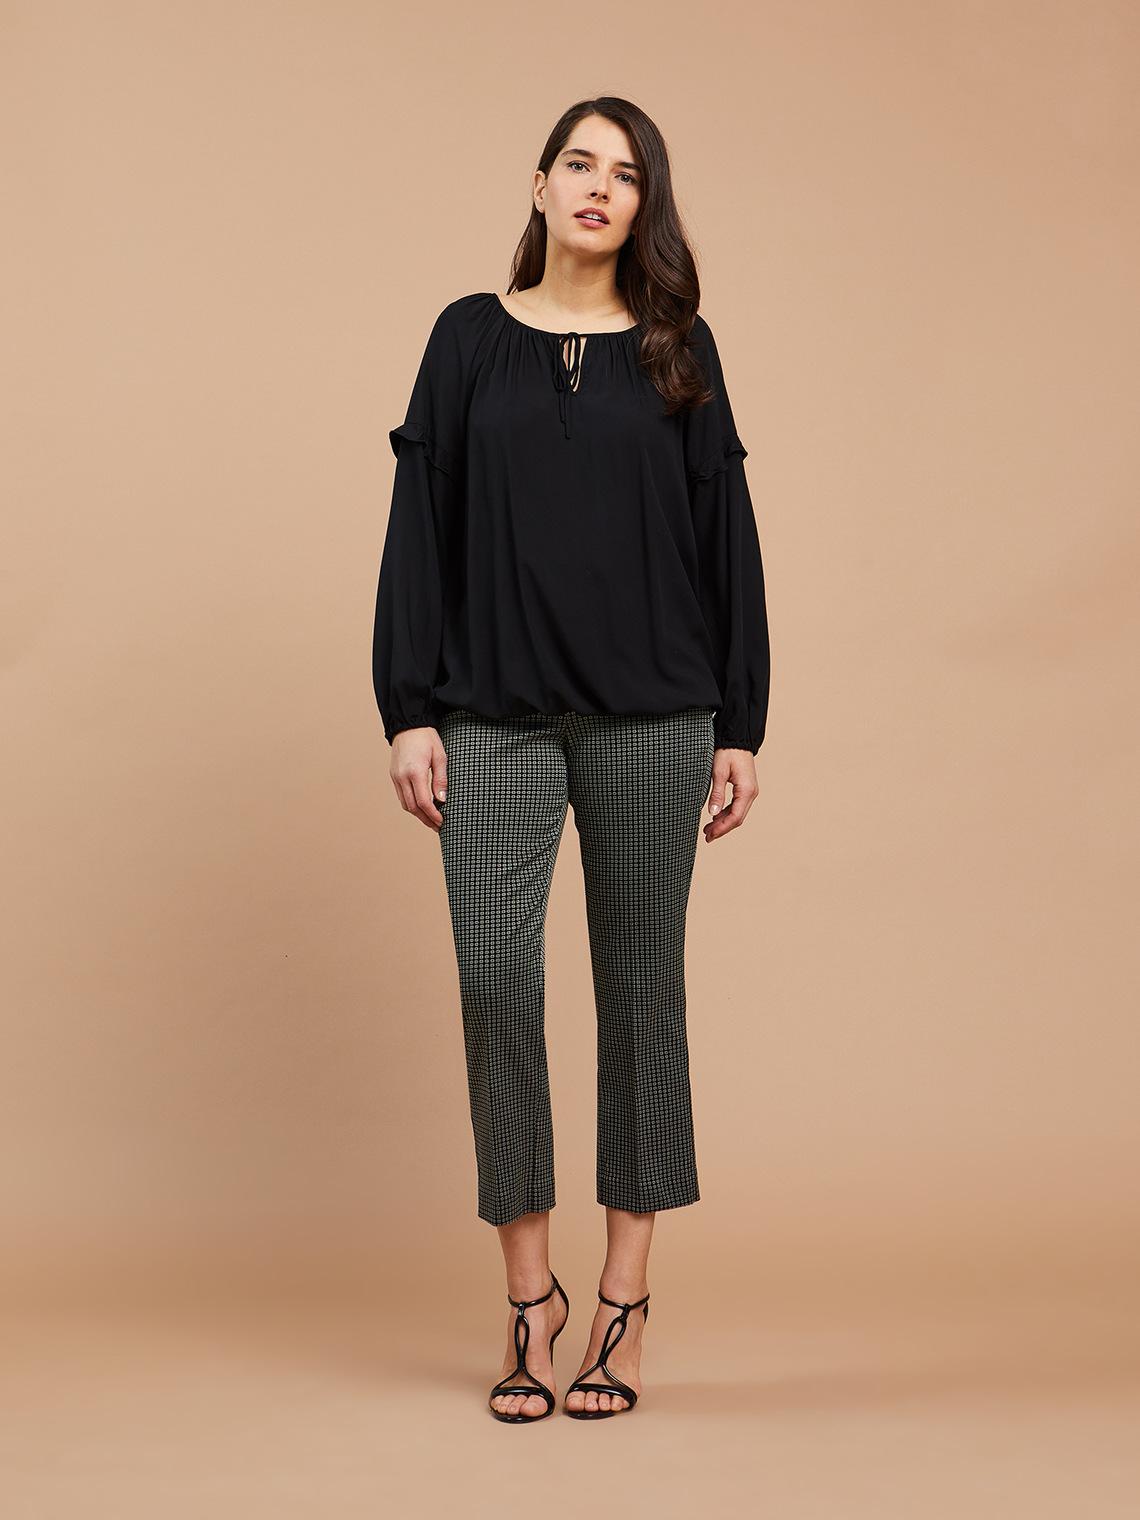 prezzo competitivo 4c036 ec883 Pantaloni dritti jacquard - Fiorella Rubino - ES